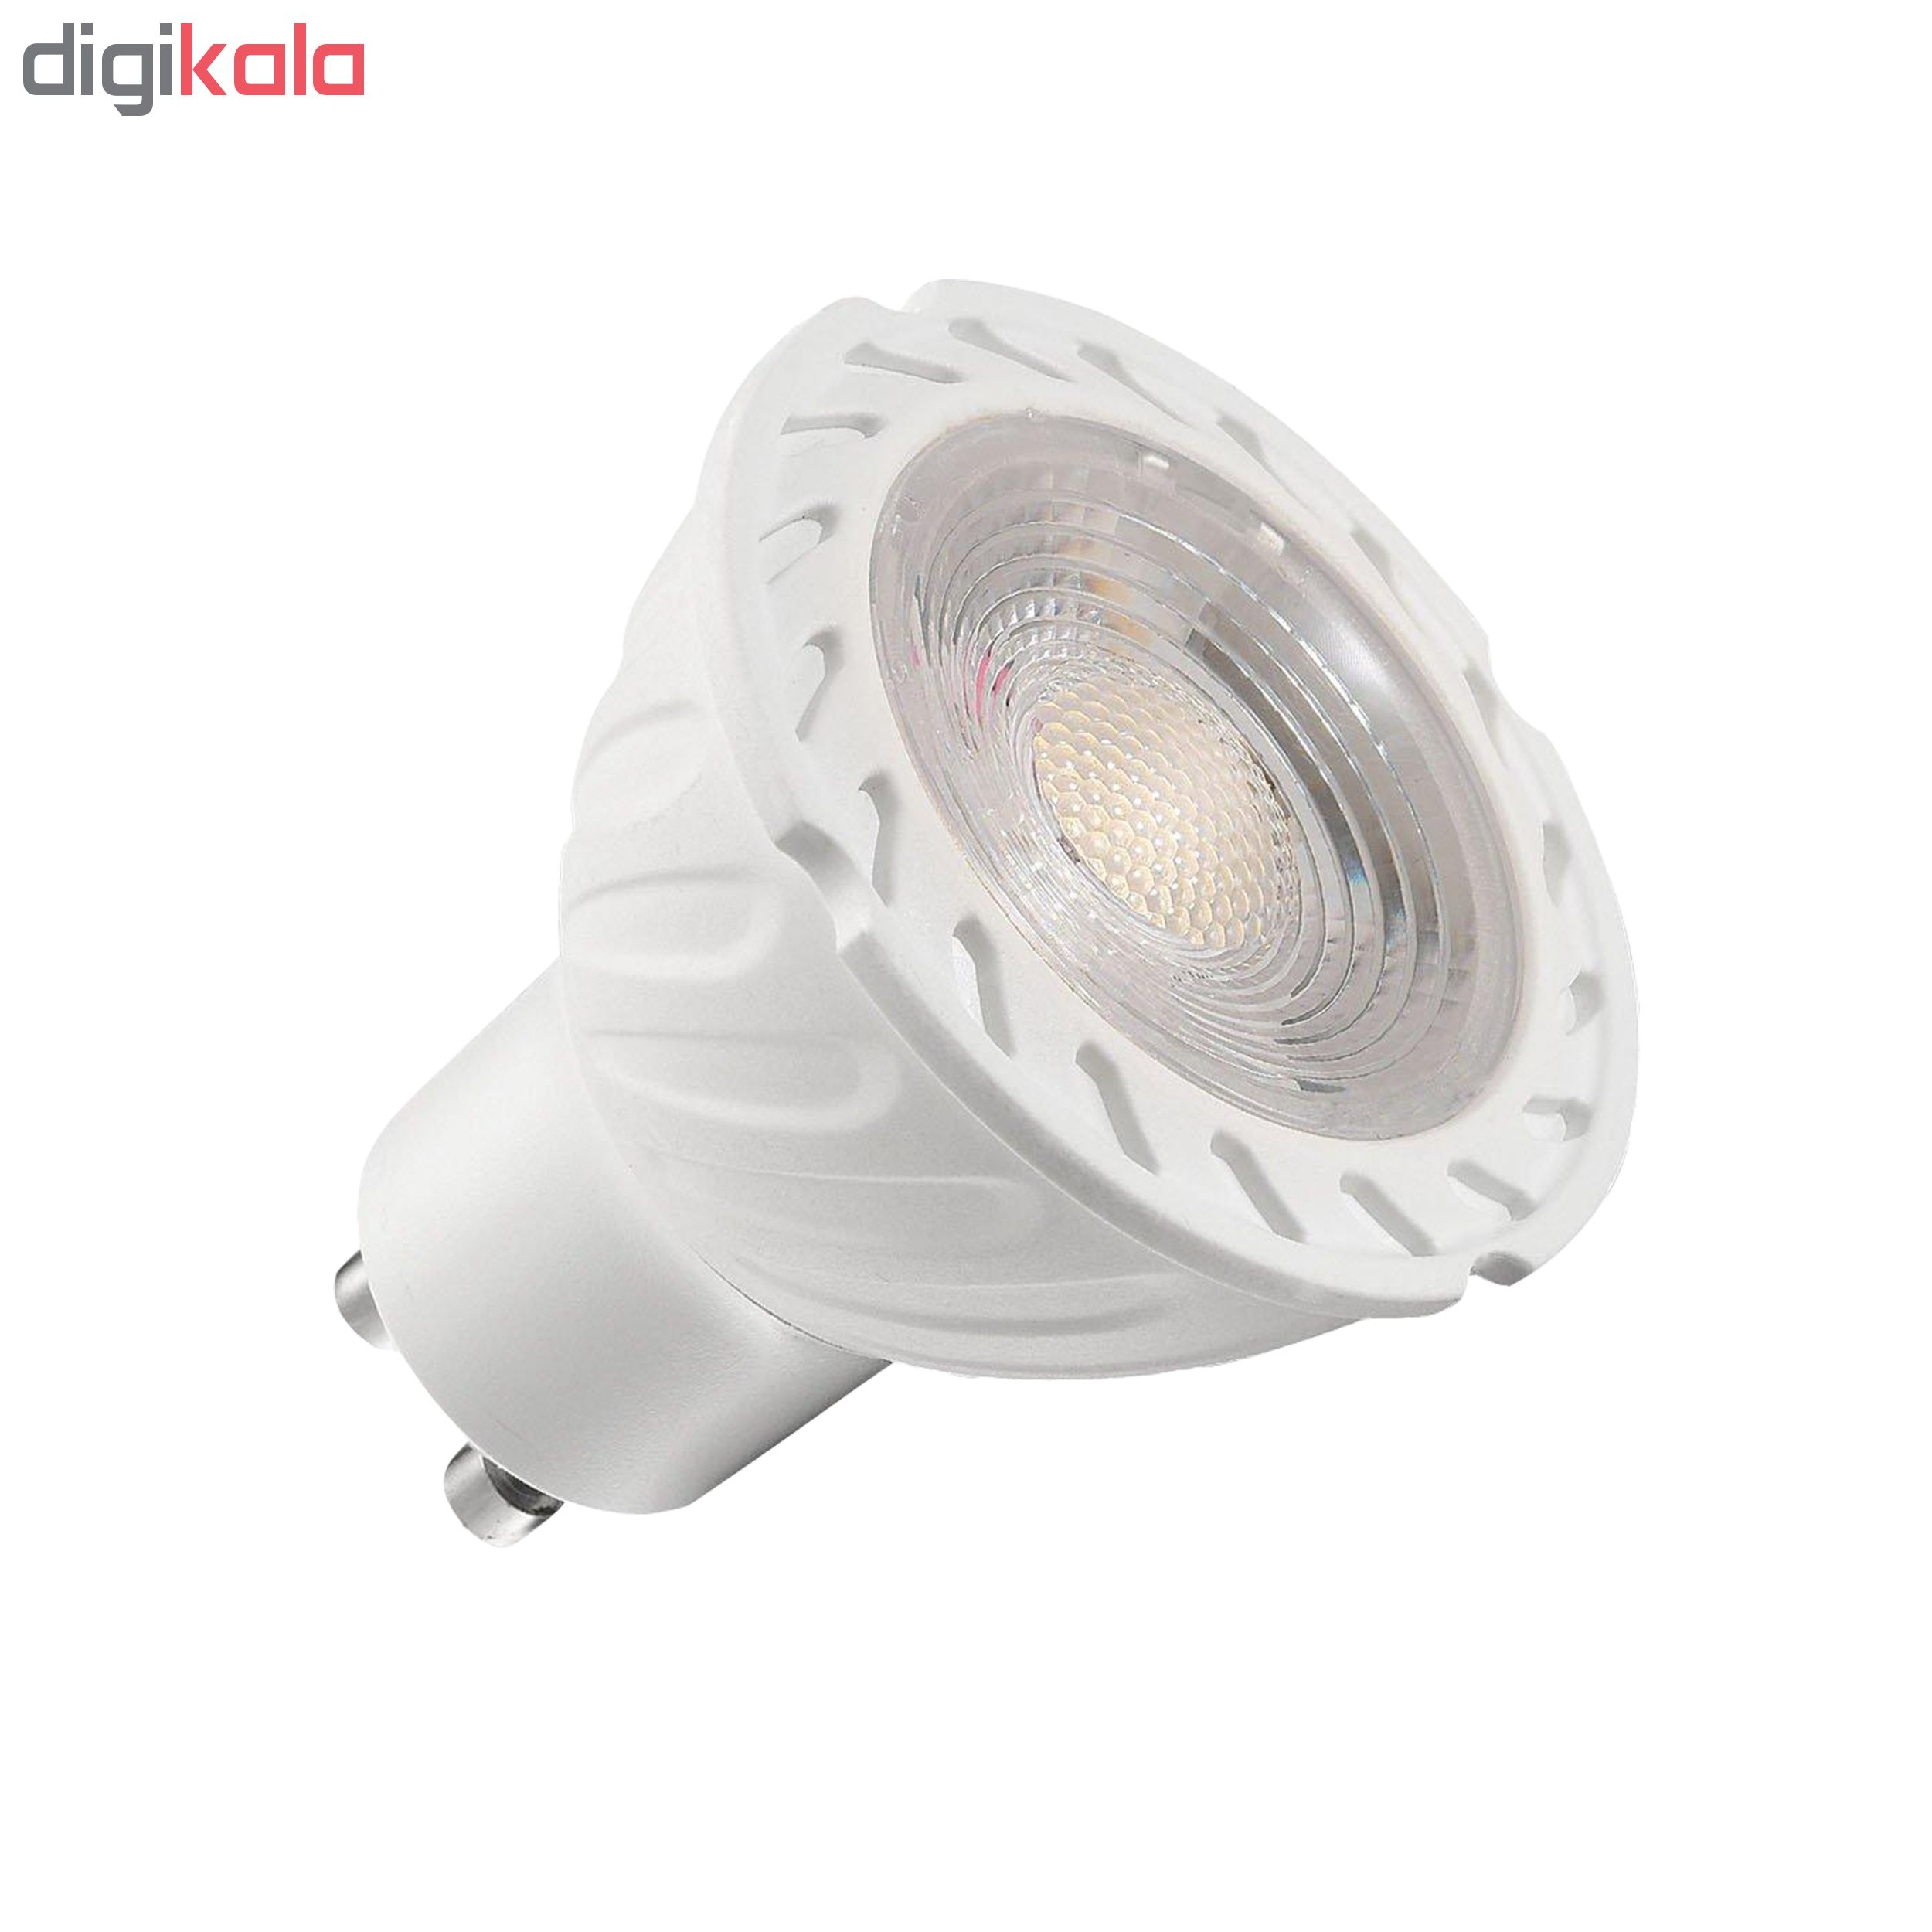 لامپ هالوژن 7 وات مدل GOL-001 پایه GU10